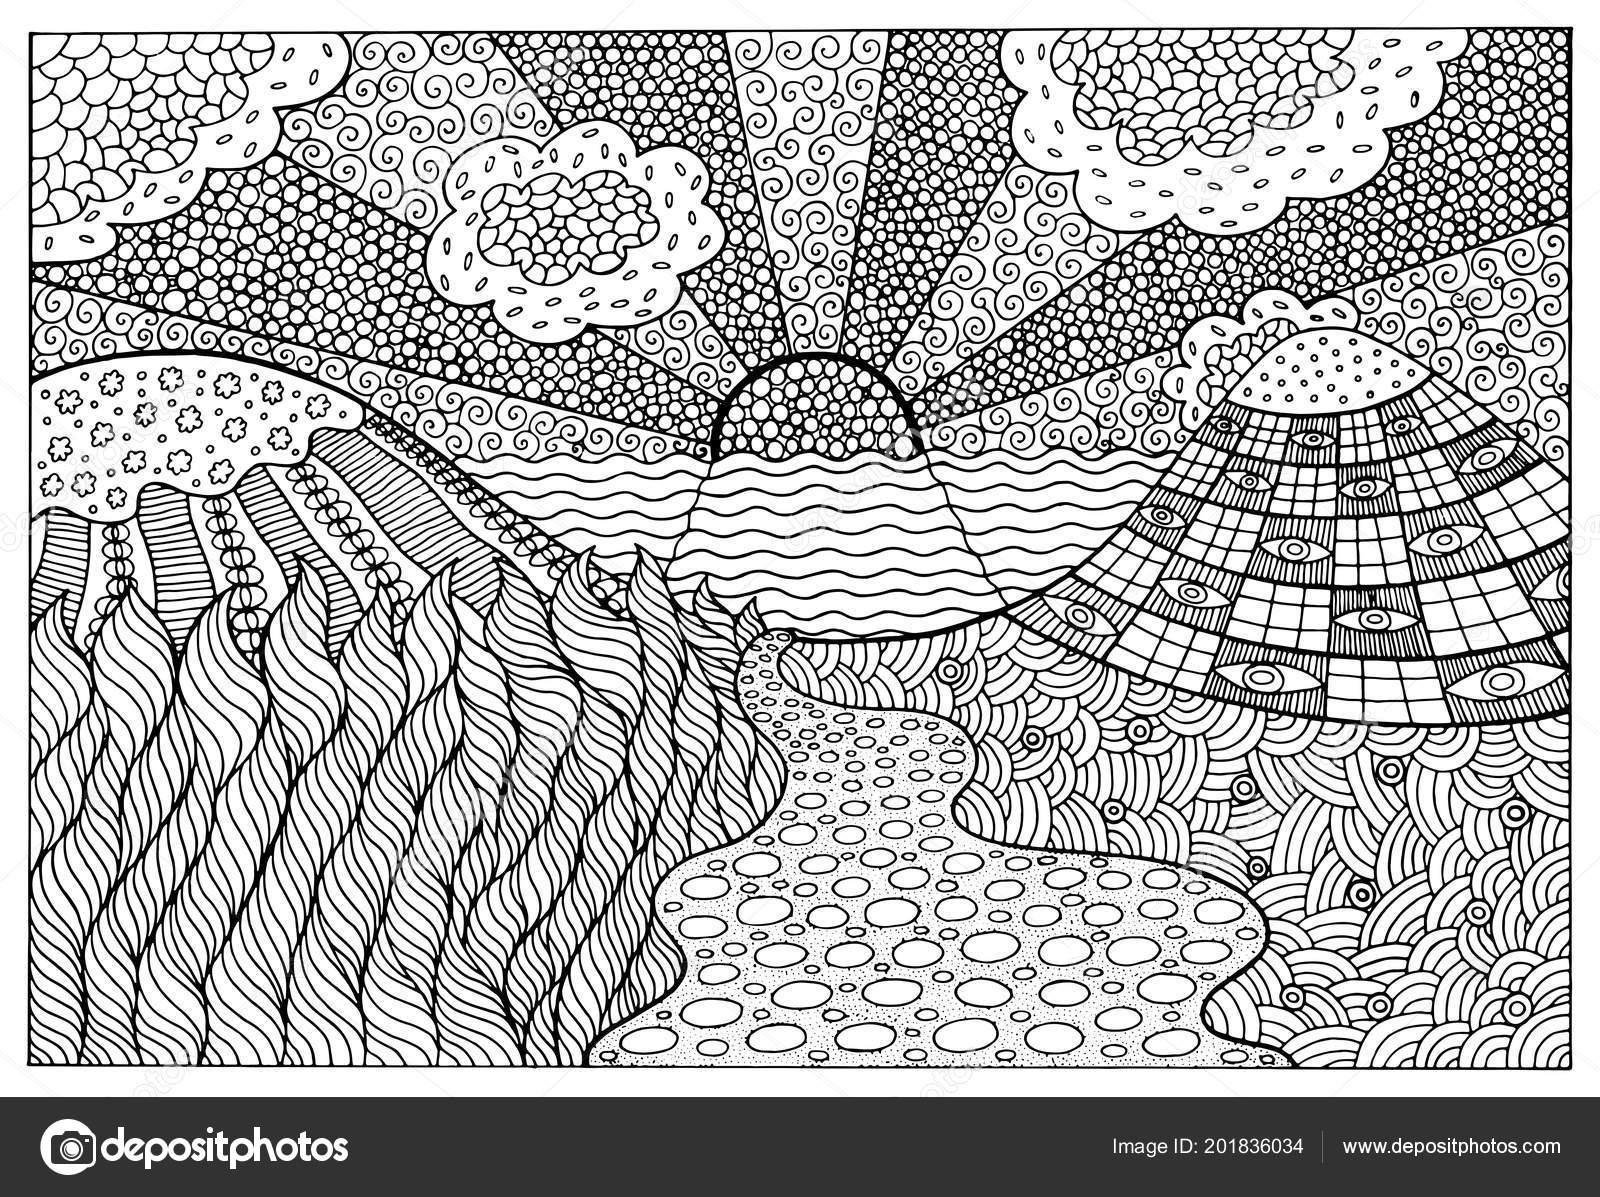 Kleurplaten Voor Volwassenen De Standaard.Doodle Surrealistisch Landschap Pagina Kleurplaten Voor Volwassenen